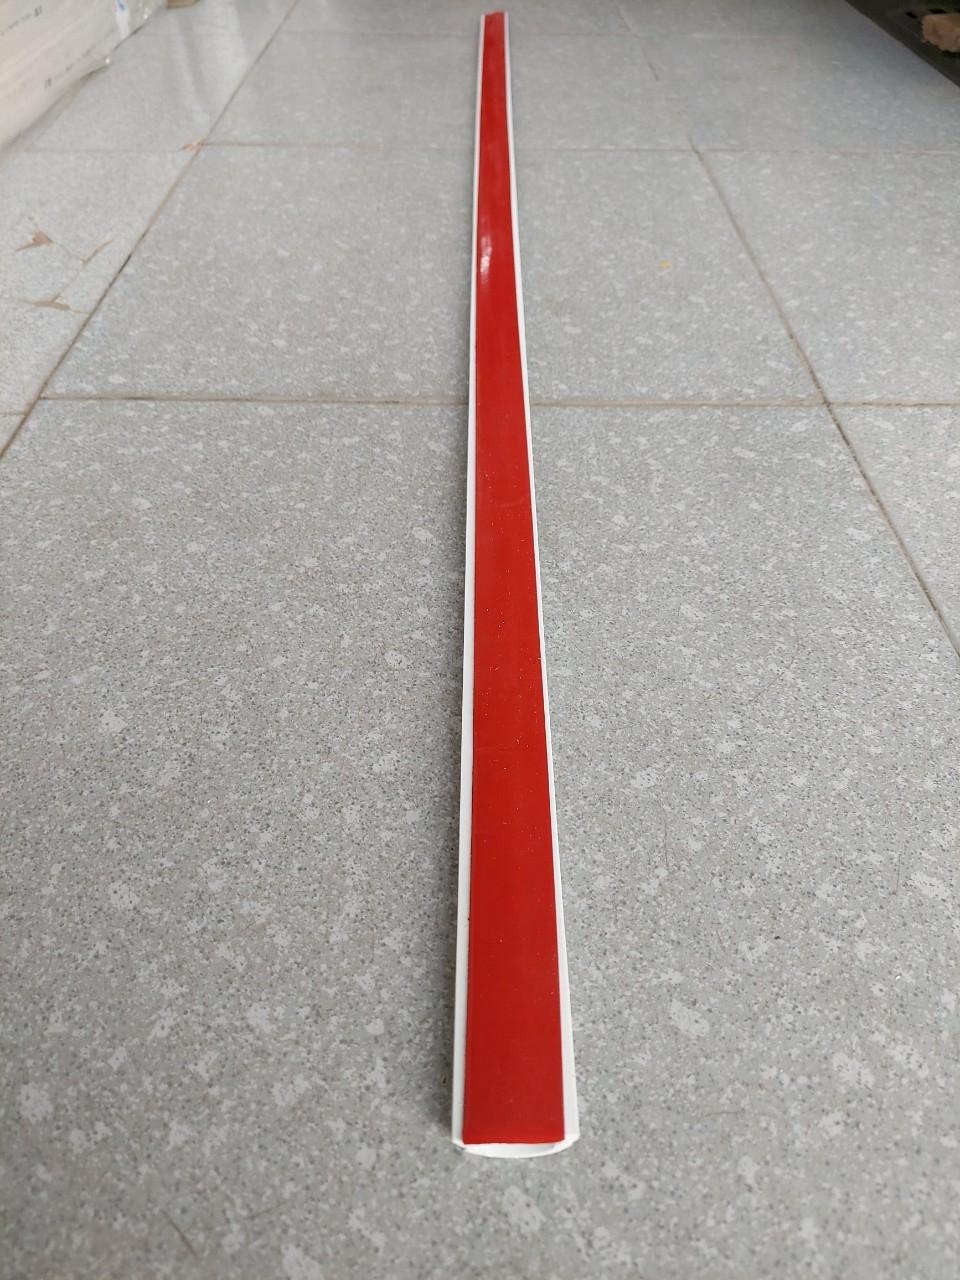 Ghen bán nguyệt, nẹp sàn bán nguyệt D30 30x12 TIẾN PHÁT